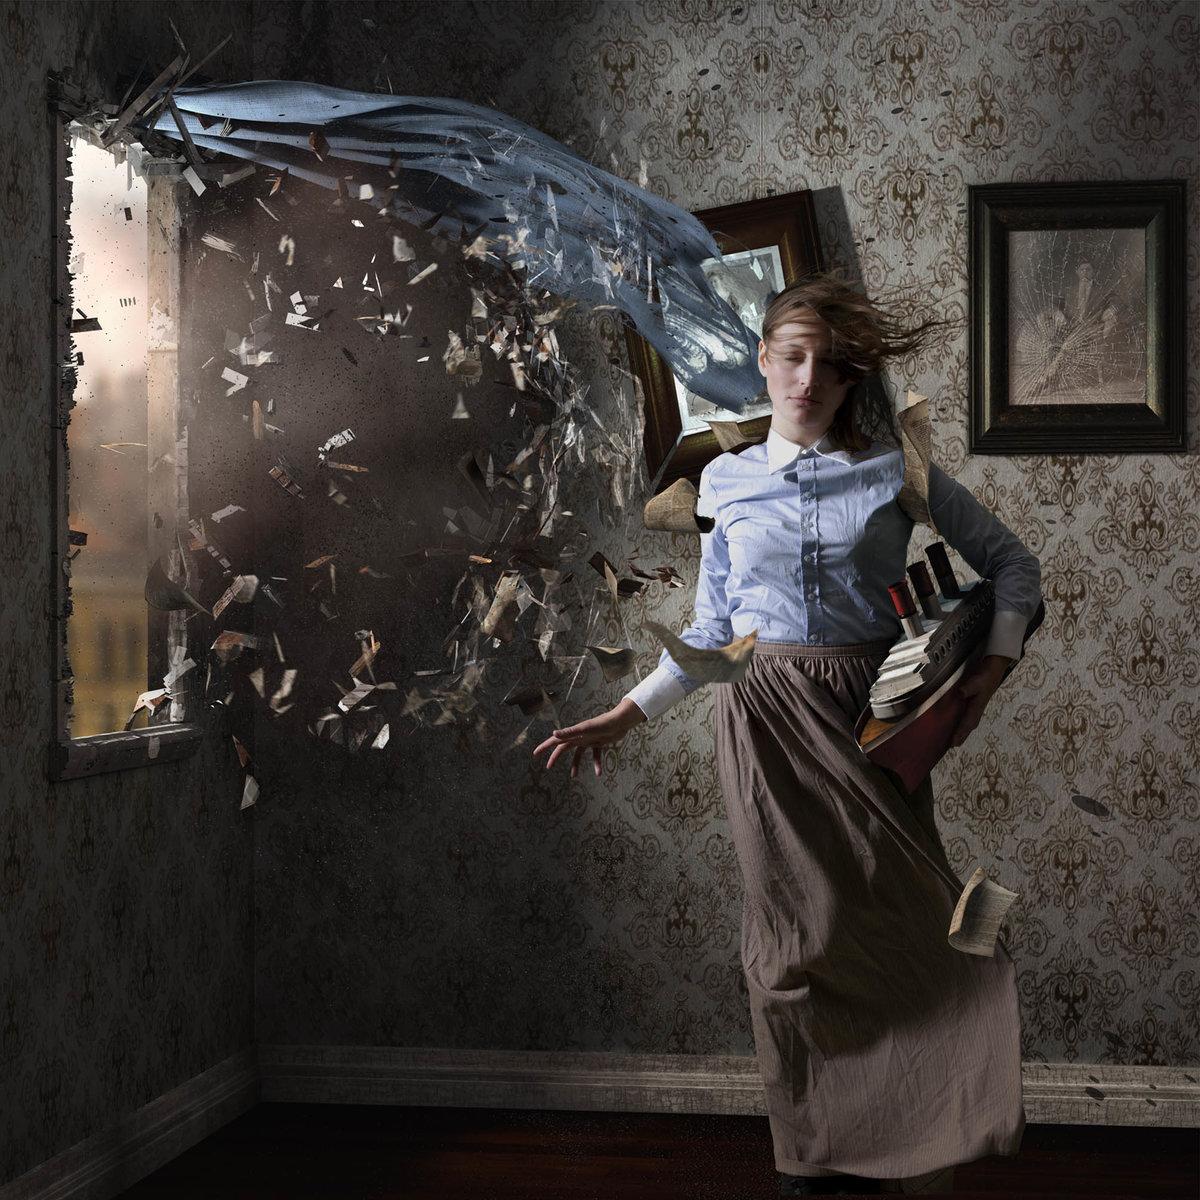 пинтерест на русском картинки фотоманипуляции вдохновение клубни полного